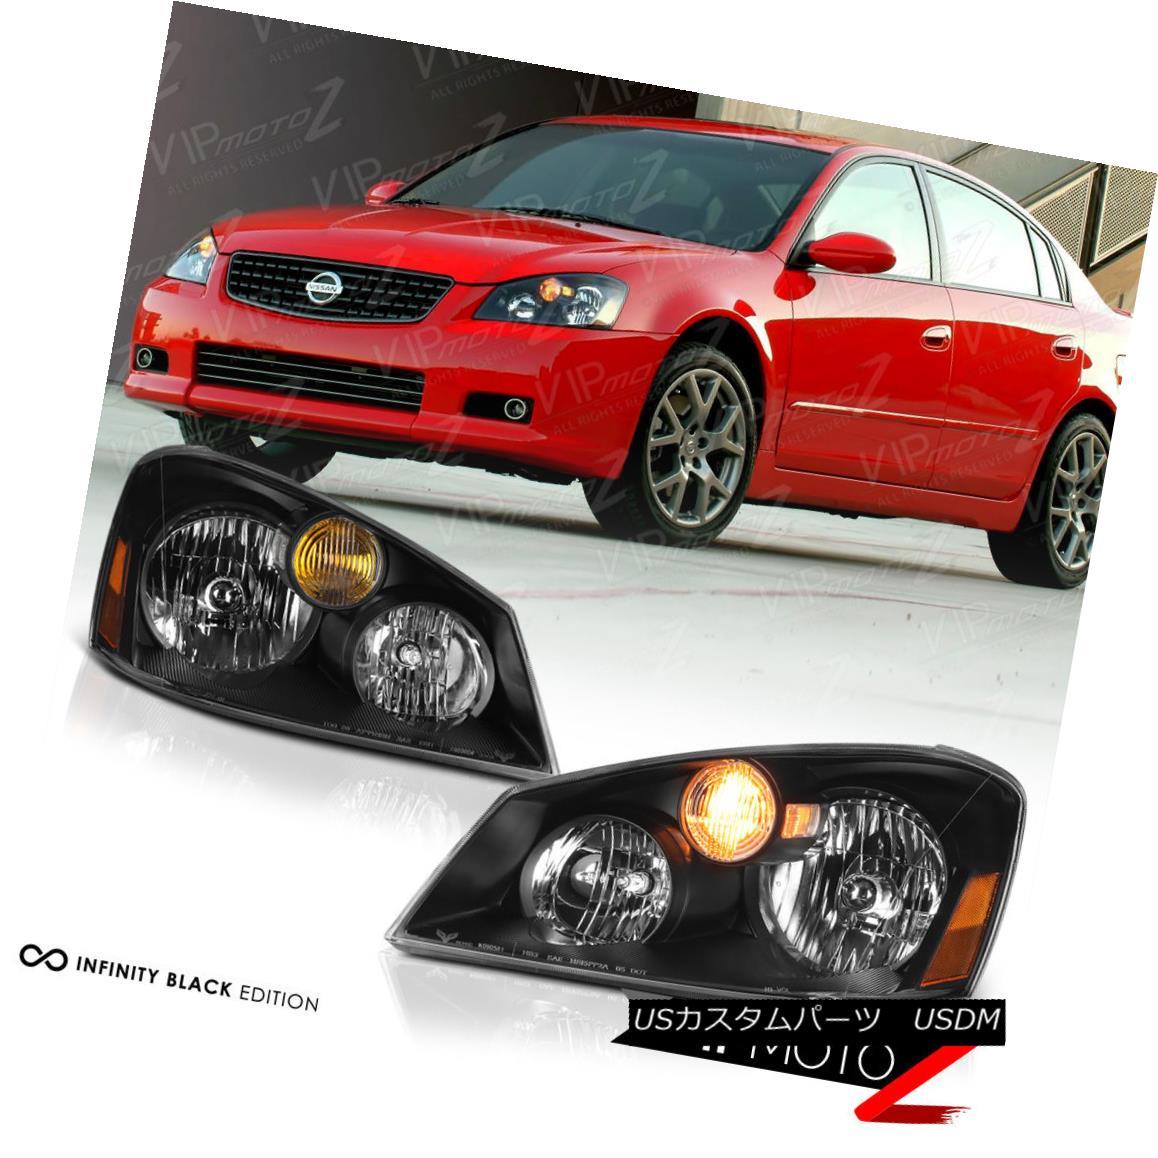 ヘッドライト [FACTORY HID XENON] Fit 2005 2006 Nissan Altima Black Headlights Headlamps SET [FACTORY HID XENON] Fit 2005 2006日産アルティマブラックヘッドライトヘッドランプSET